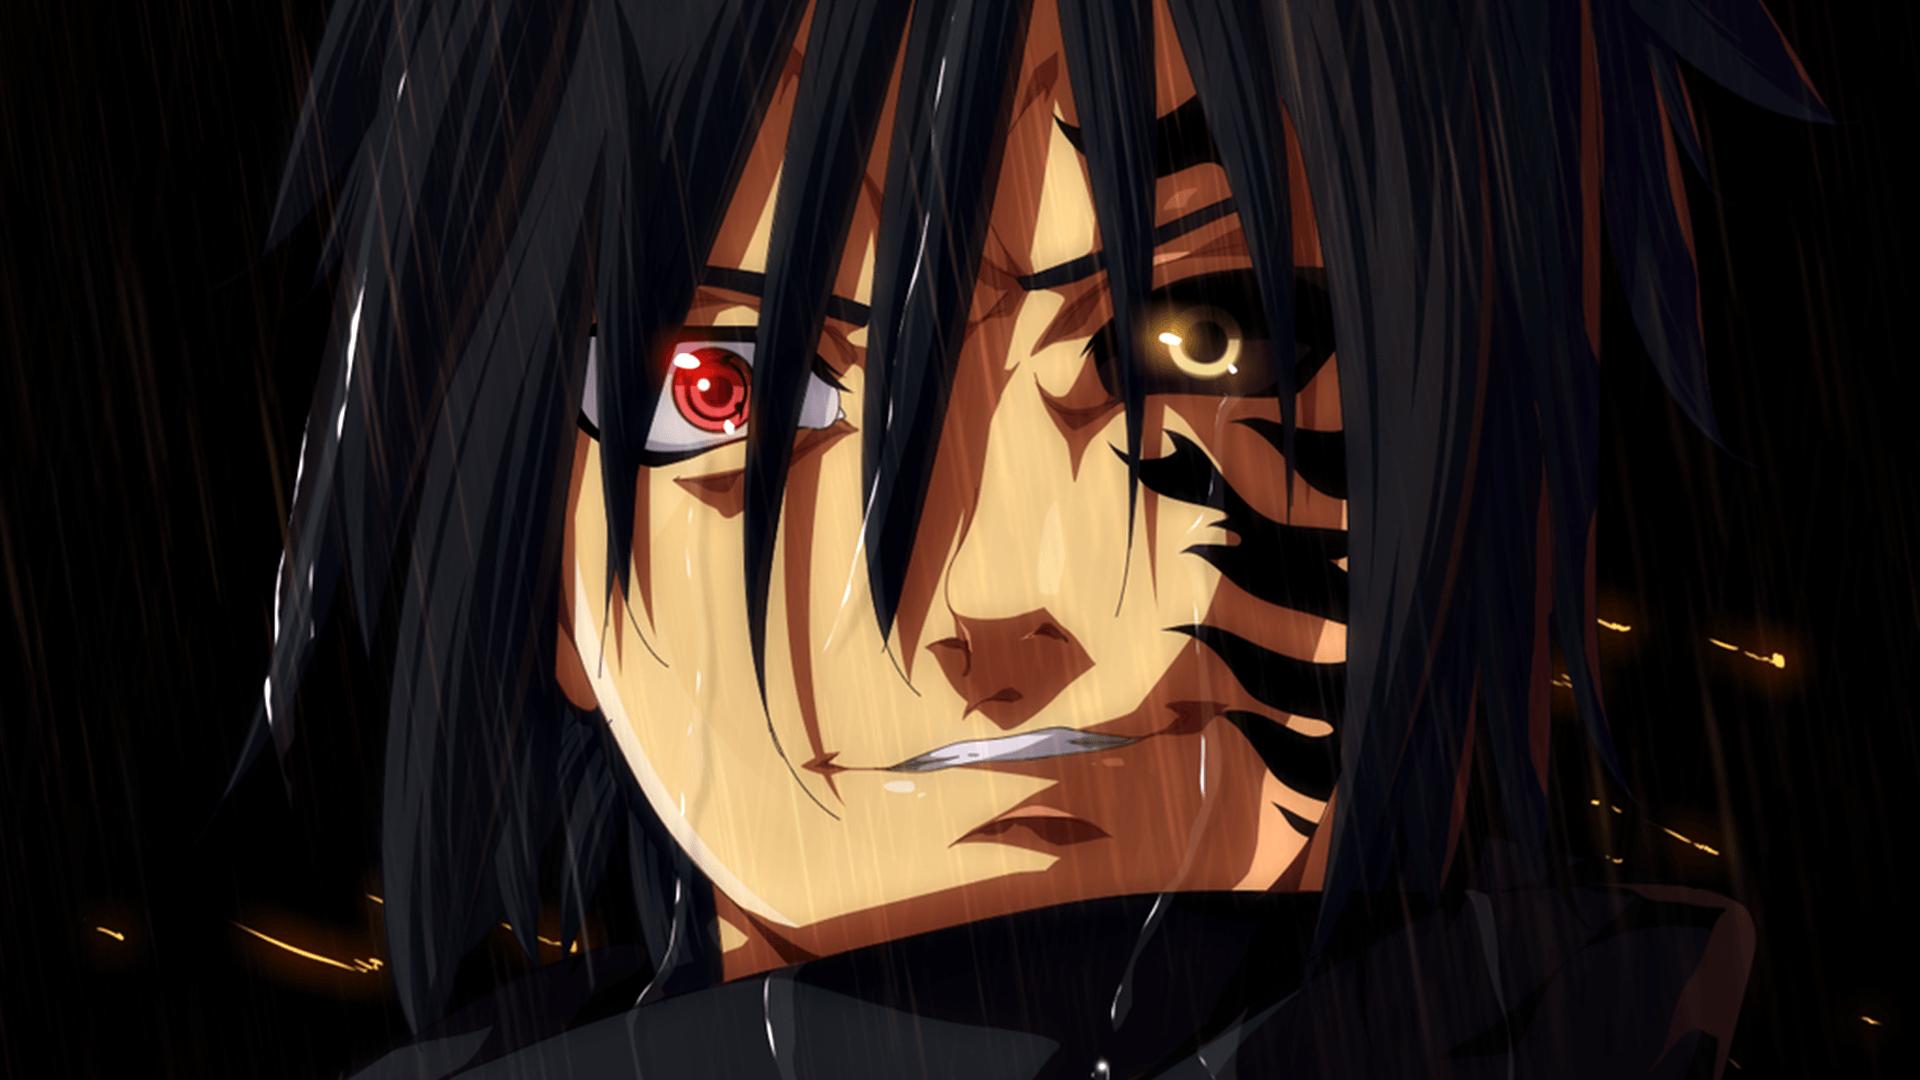 Sasuke Fond D Ecran - Fond d écran